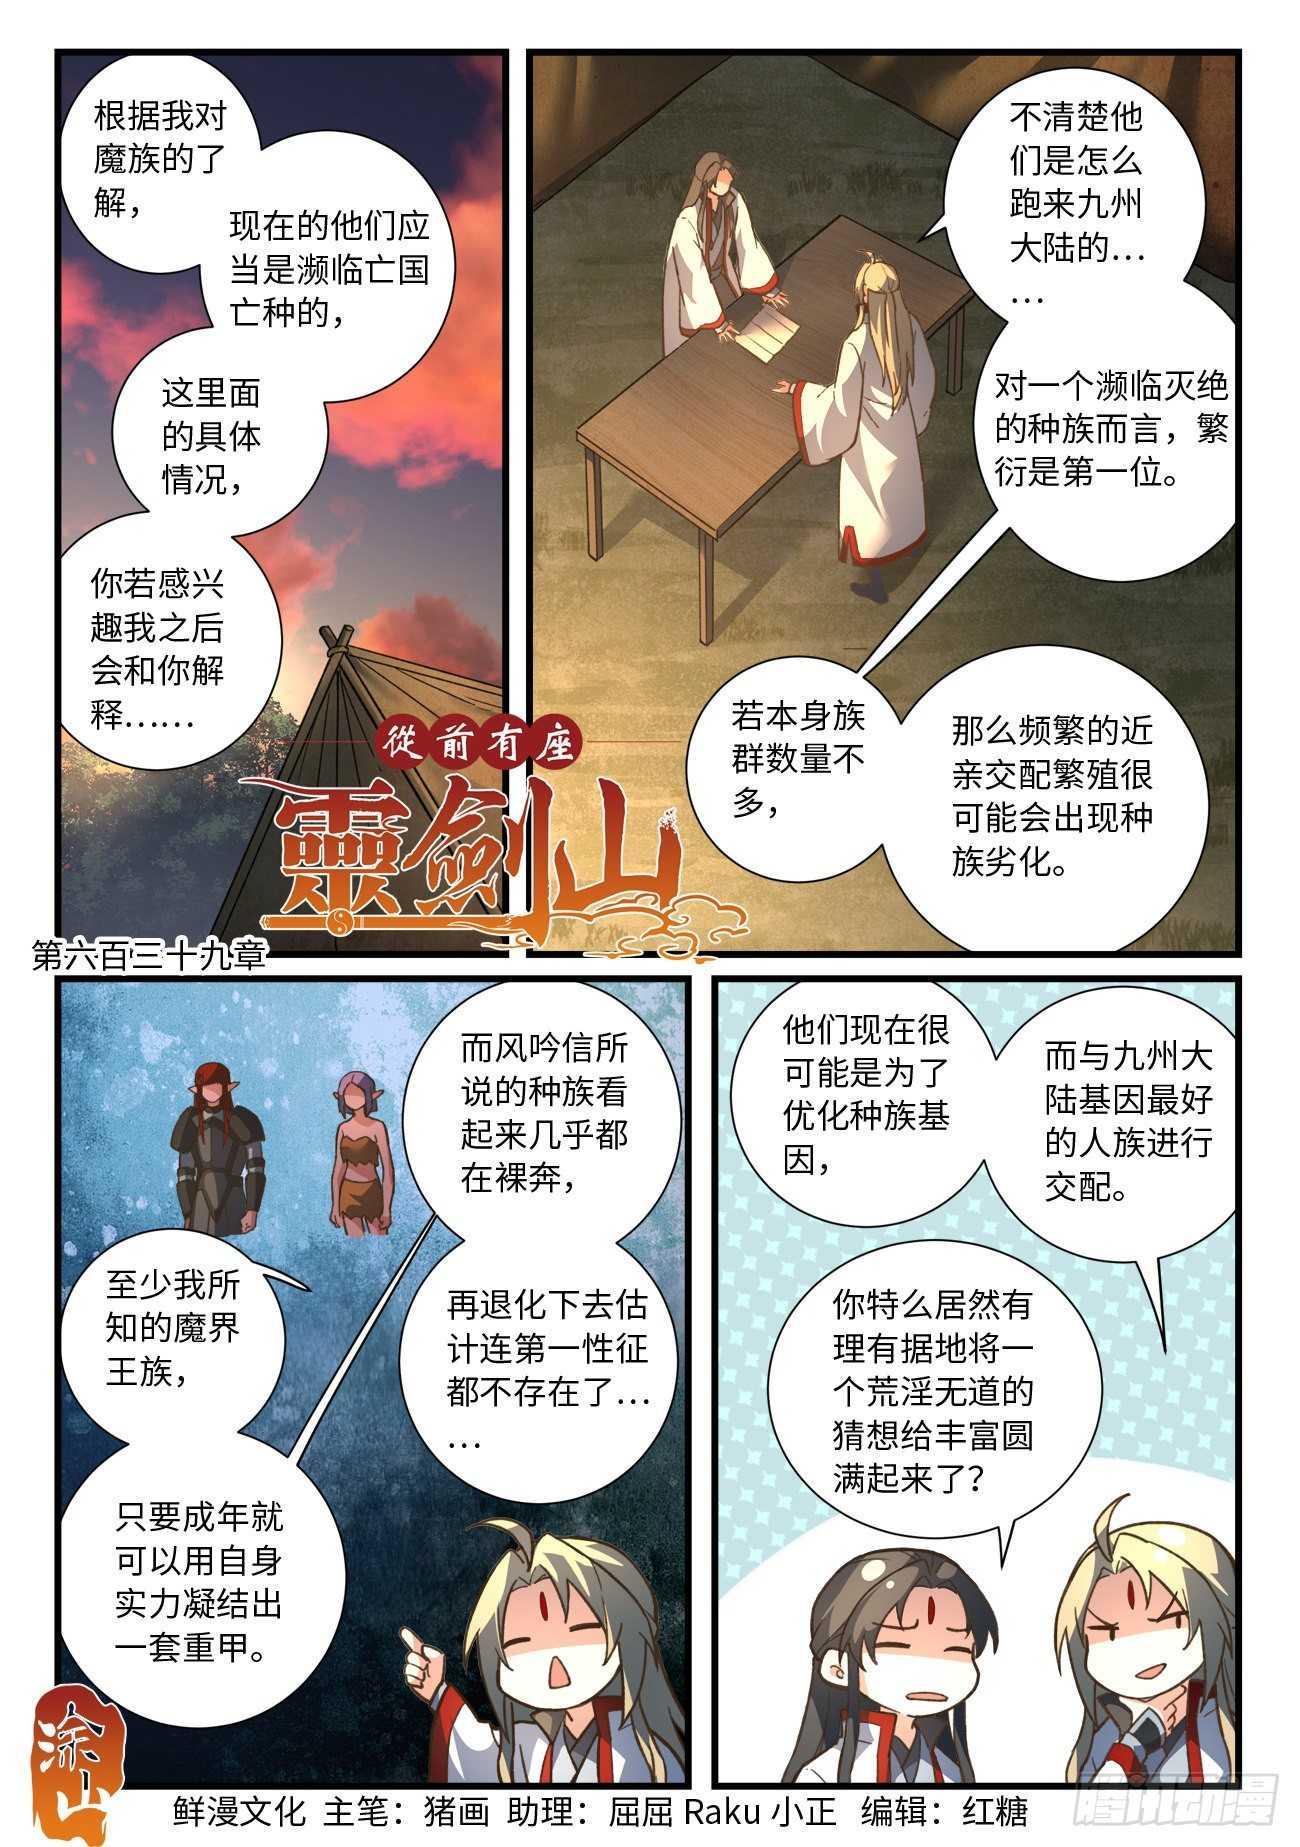 【漫画更新】《从前有座灵剑山》总639~640话-小柚妹站